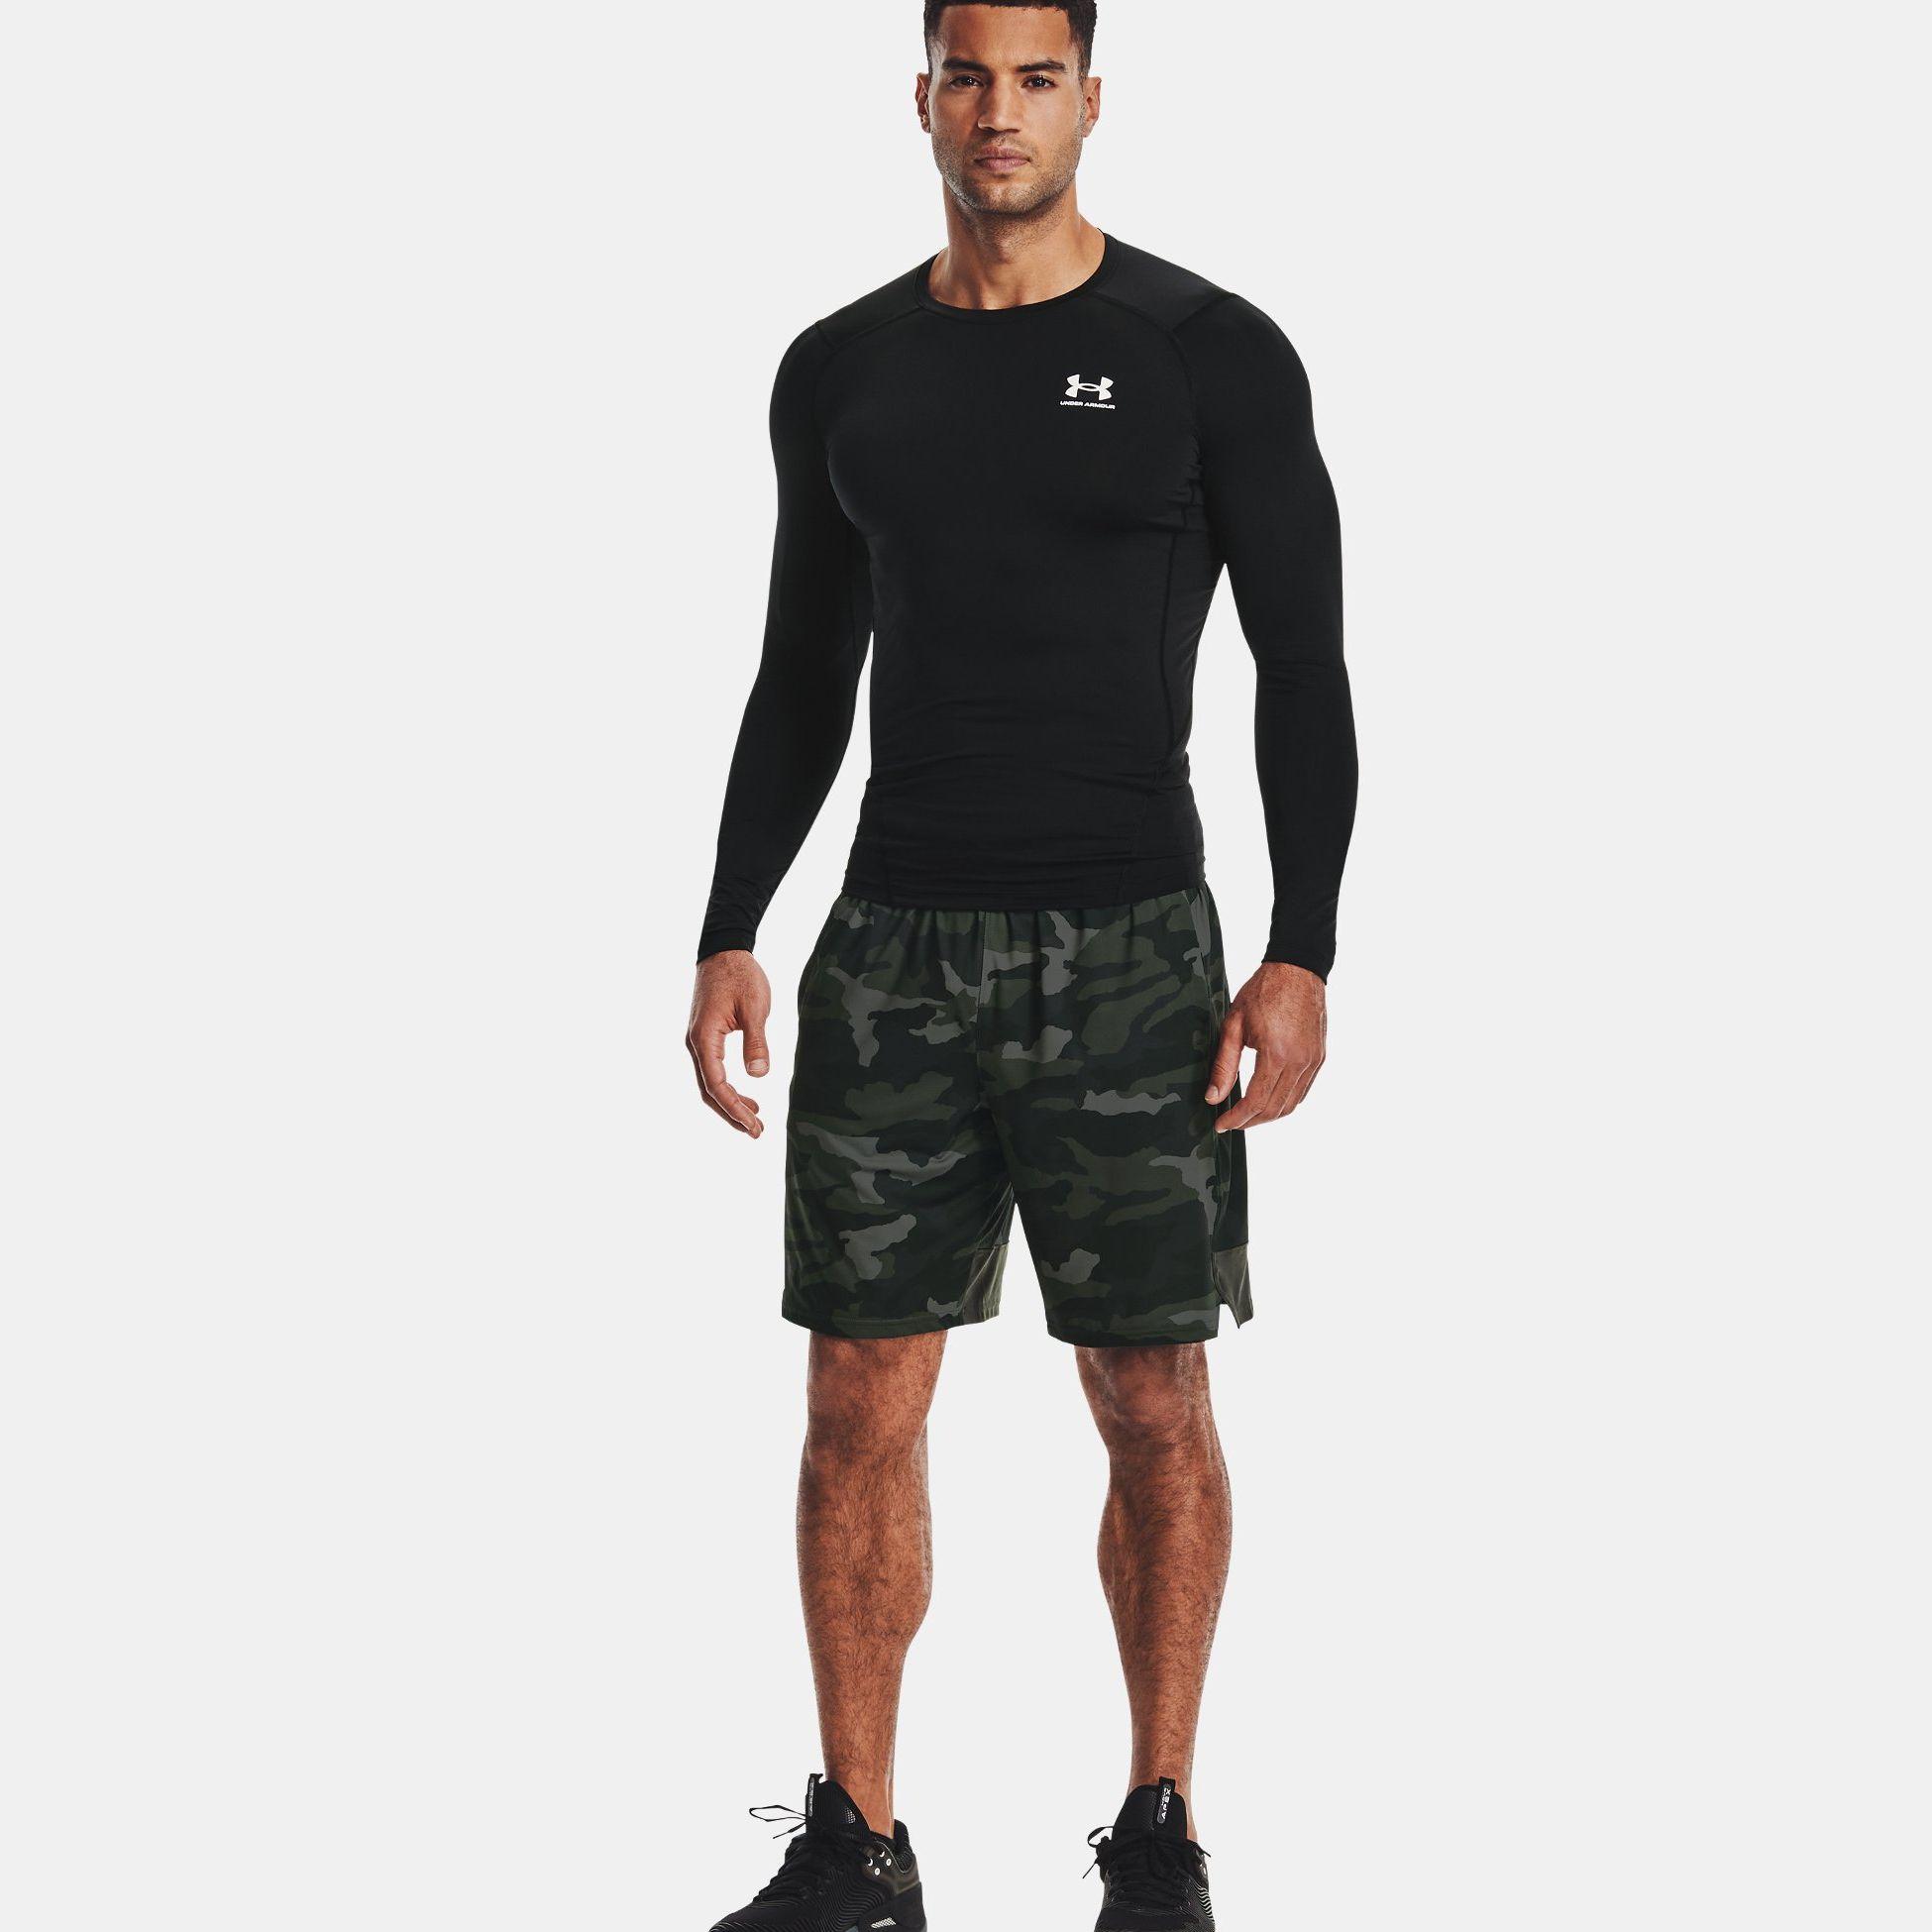 Îmbrăcăminte -  under armour HeatGear Armour Long Sleeve